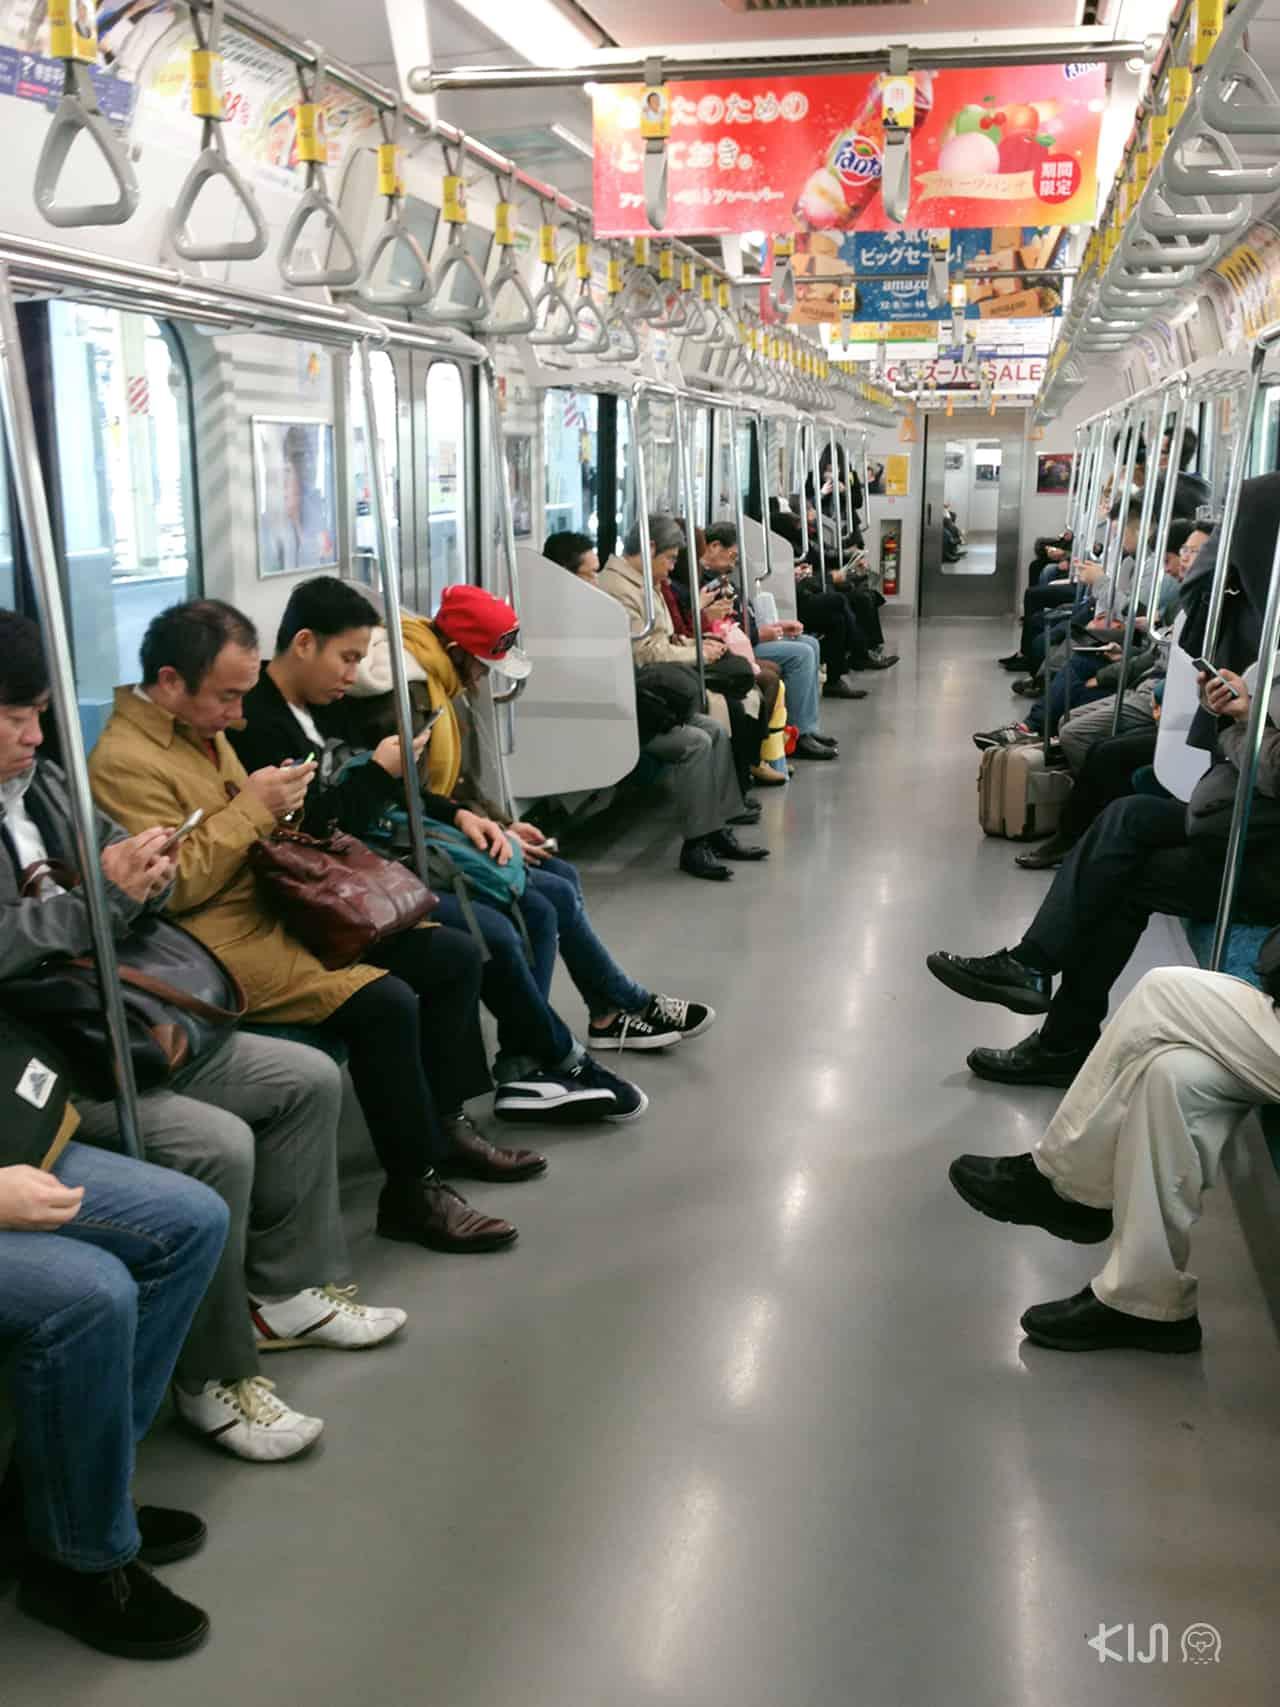 ใน สังคม ญี่ปุ่น การลุกให้คนแก่นั่งเราอาจจะถูกปฏิเสธได้